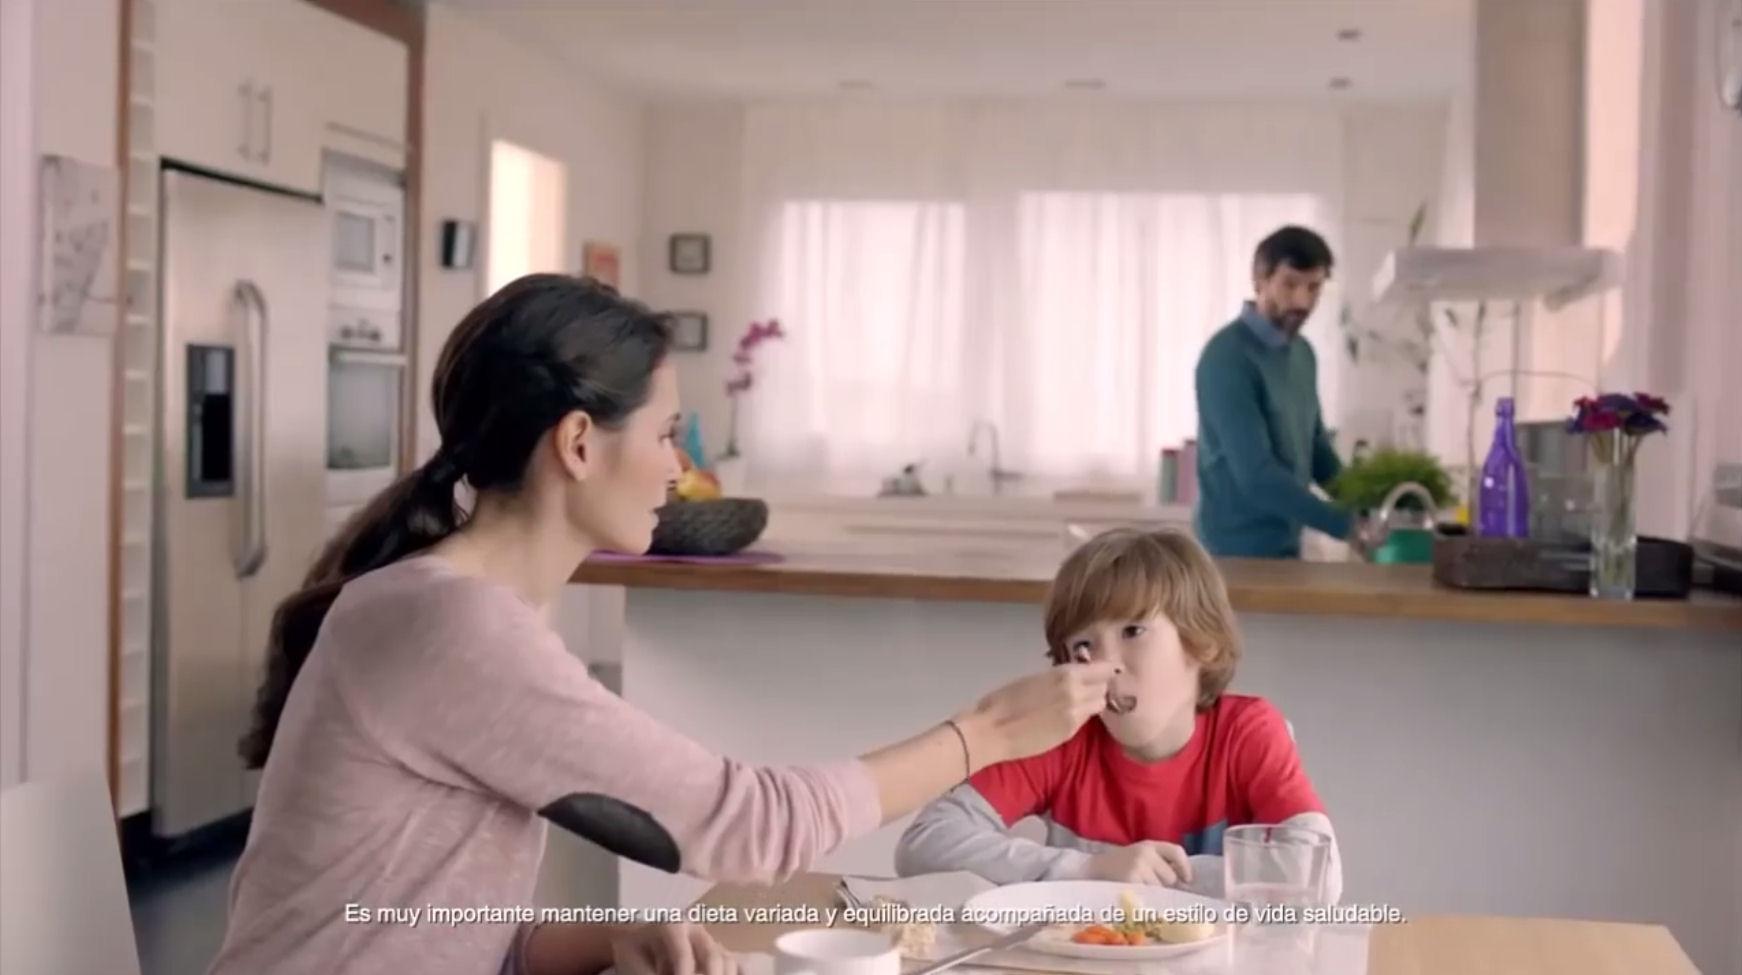 publicidad madre dando comer nino